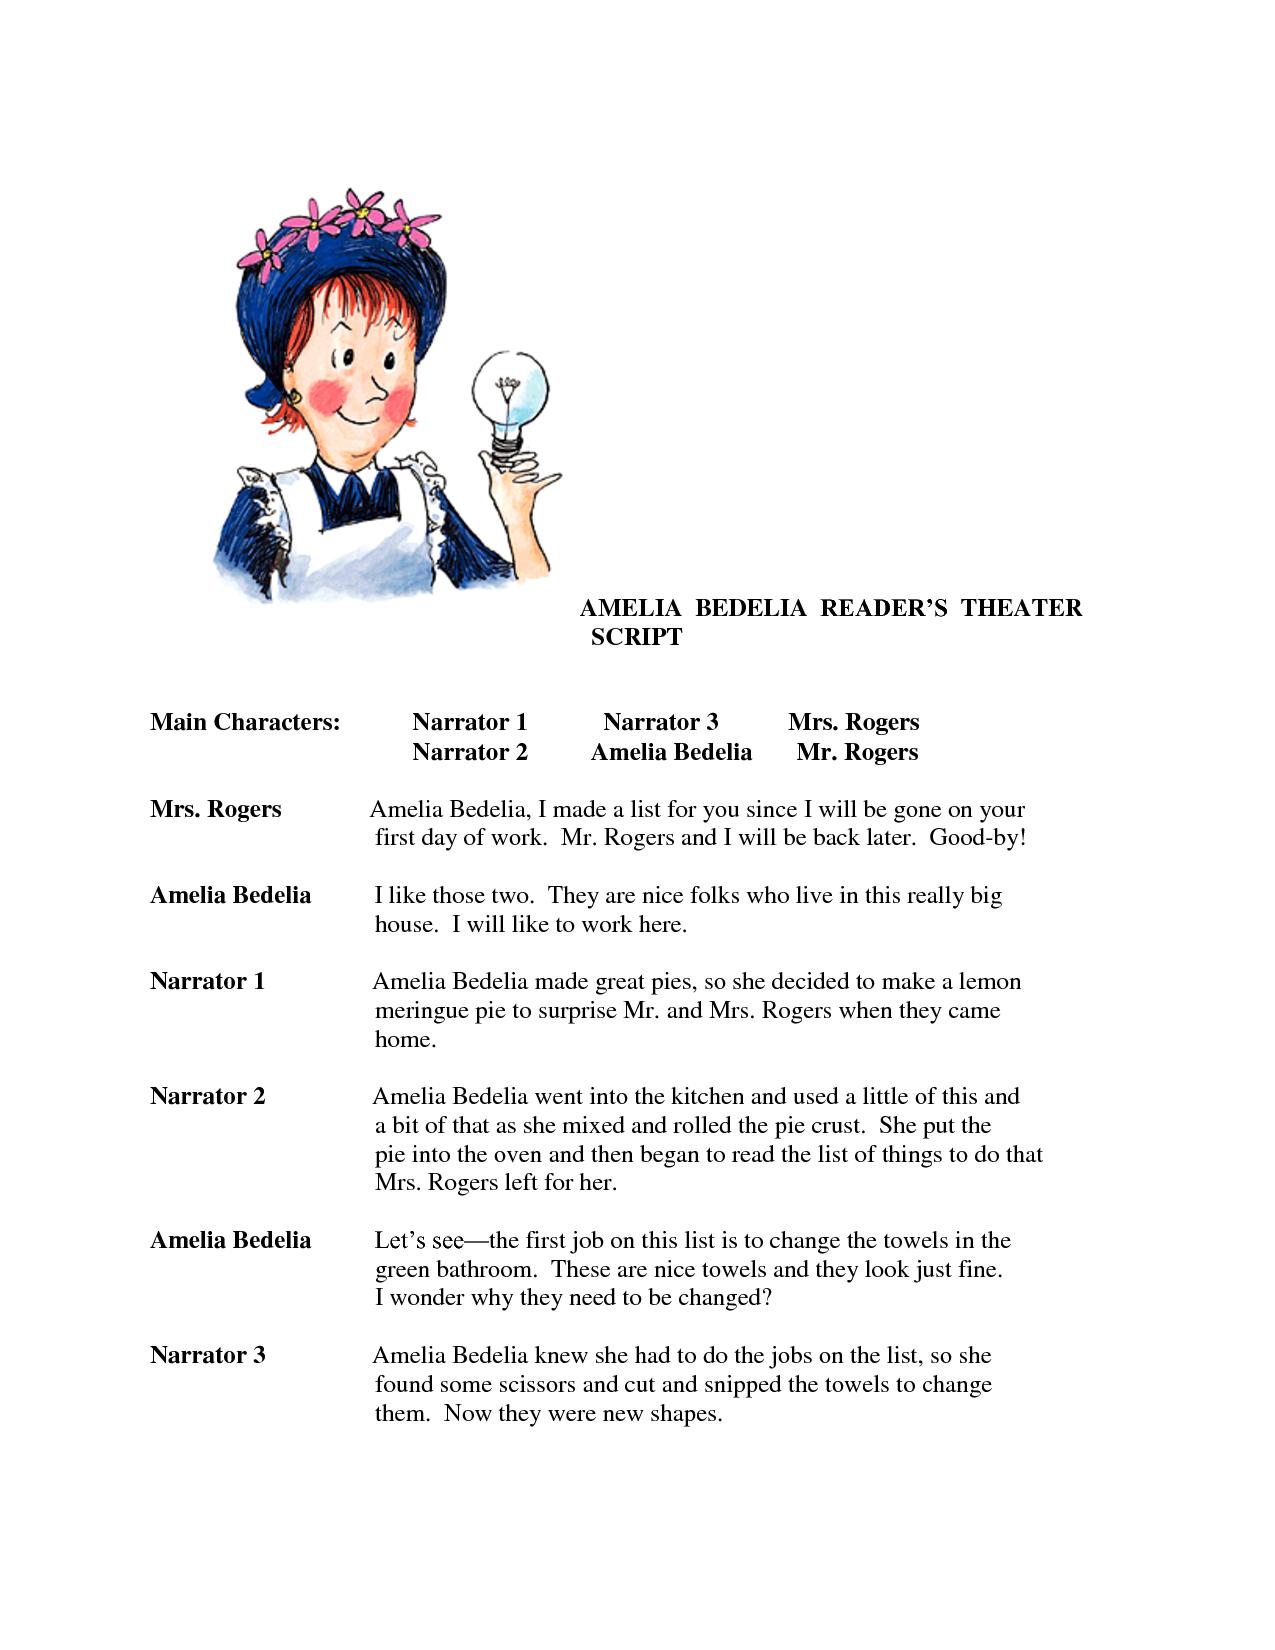 Worksheets Ameleia Bedelia | Amelia Bedelia Reader's Theater | Amelia Bedelia Printable Worksheets